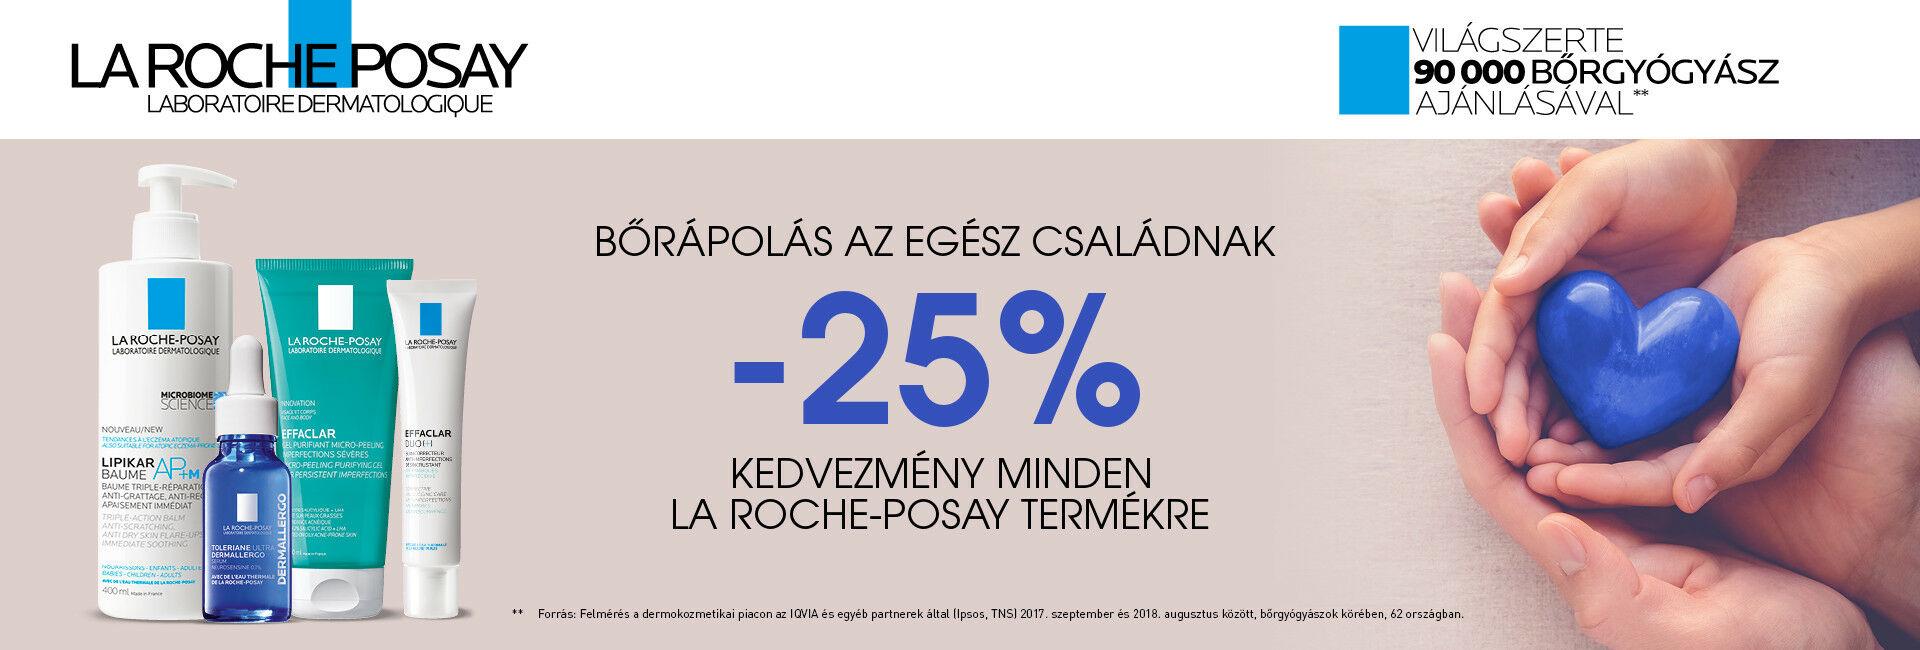 Szülinapi La Roche-Posay Napok: 2020. augusztus 10-17. között minden La Roche-Posay terméket 25% kedvezménnyel kínálunk!